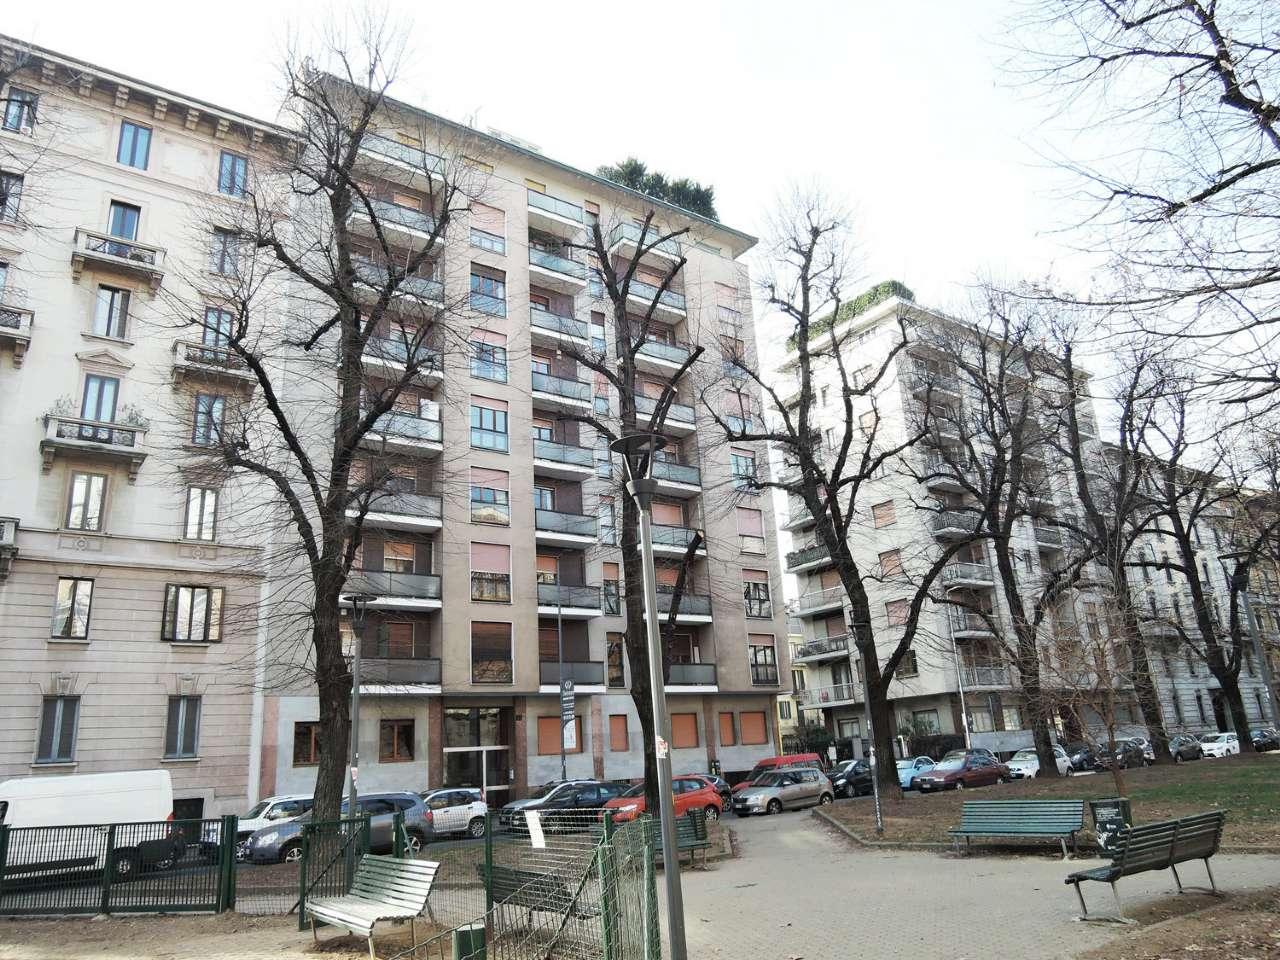 Appartamento in vendita a Milano, 4 locali, zona Zona: 6 . V Giornate, XXII Marzo, P.ta Romana, Viale Corsica, Tribunale, Policlinico, prezzo € 620.000   Cambio Casa.it